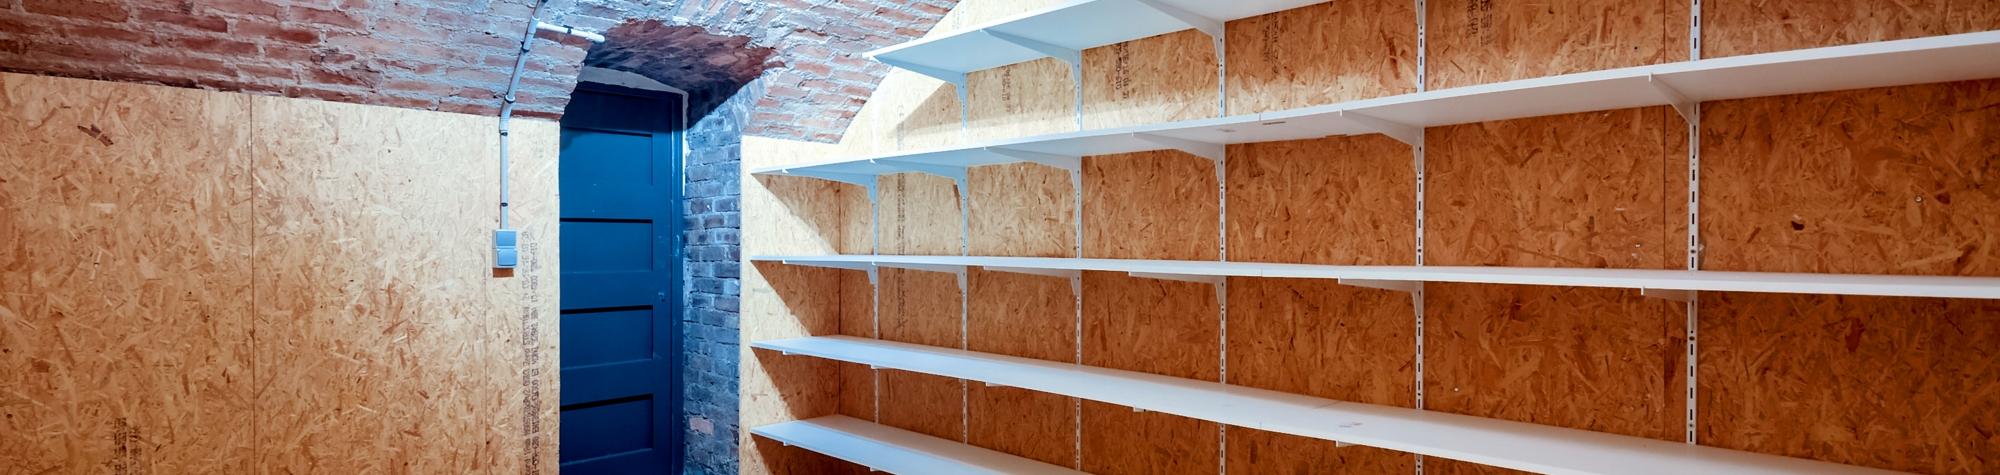 luminaires et salle d eau ce qu il faut savoir r novateurs. Black Bedroom Furniture Sets. Home Design Ideas